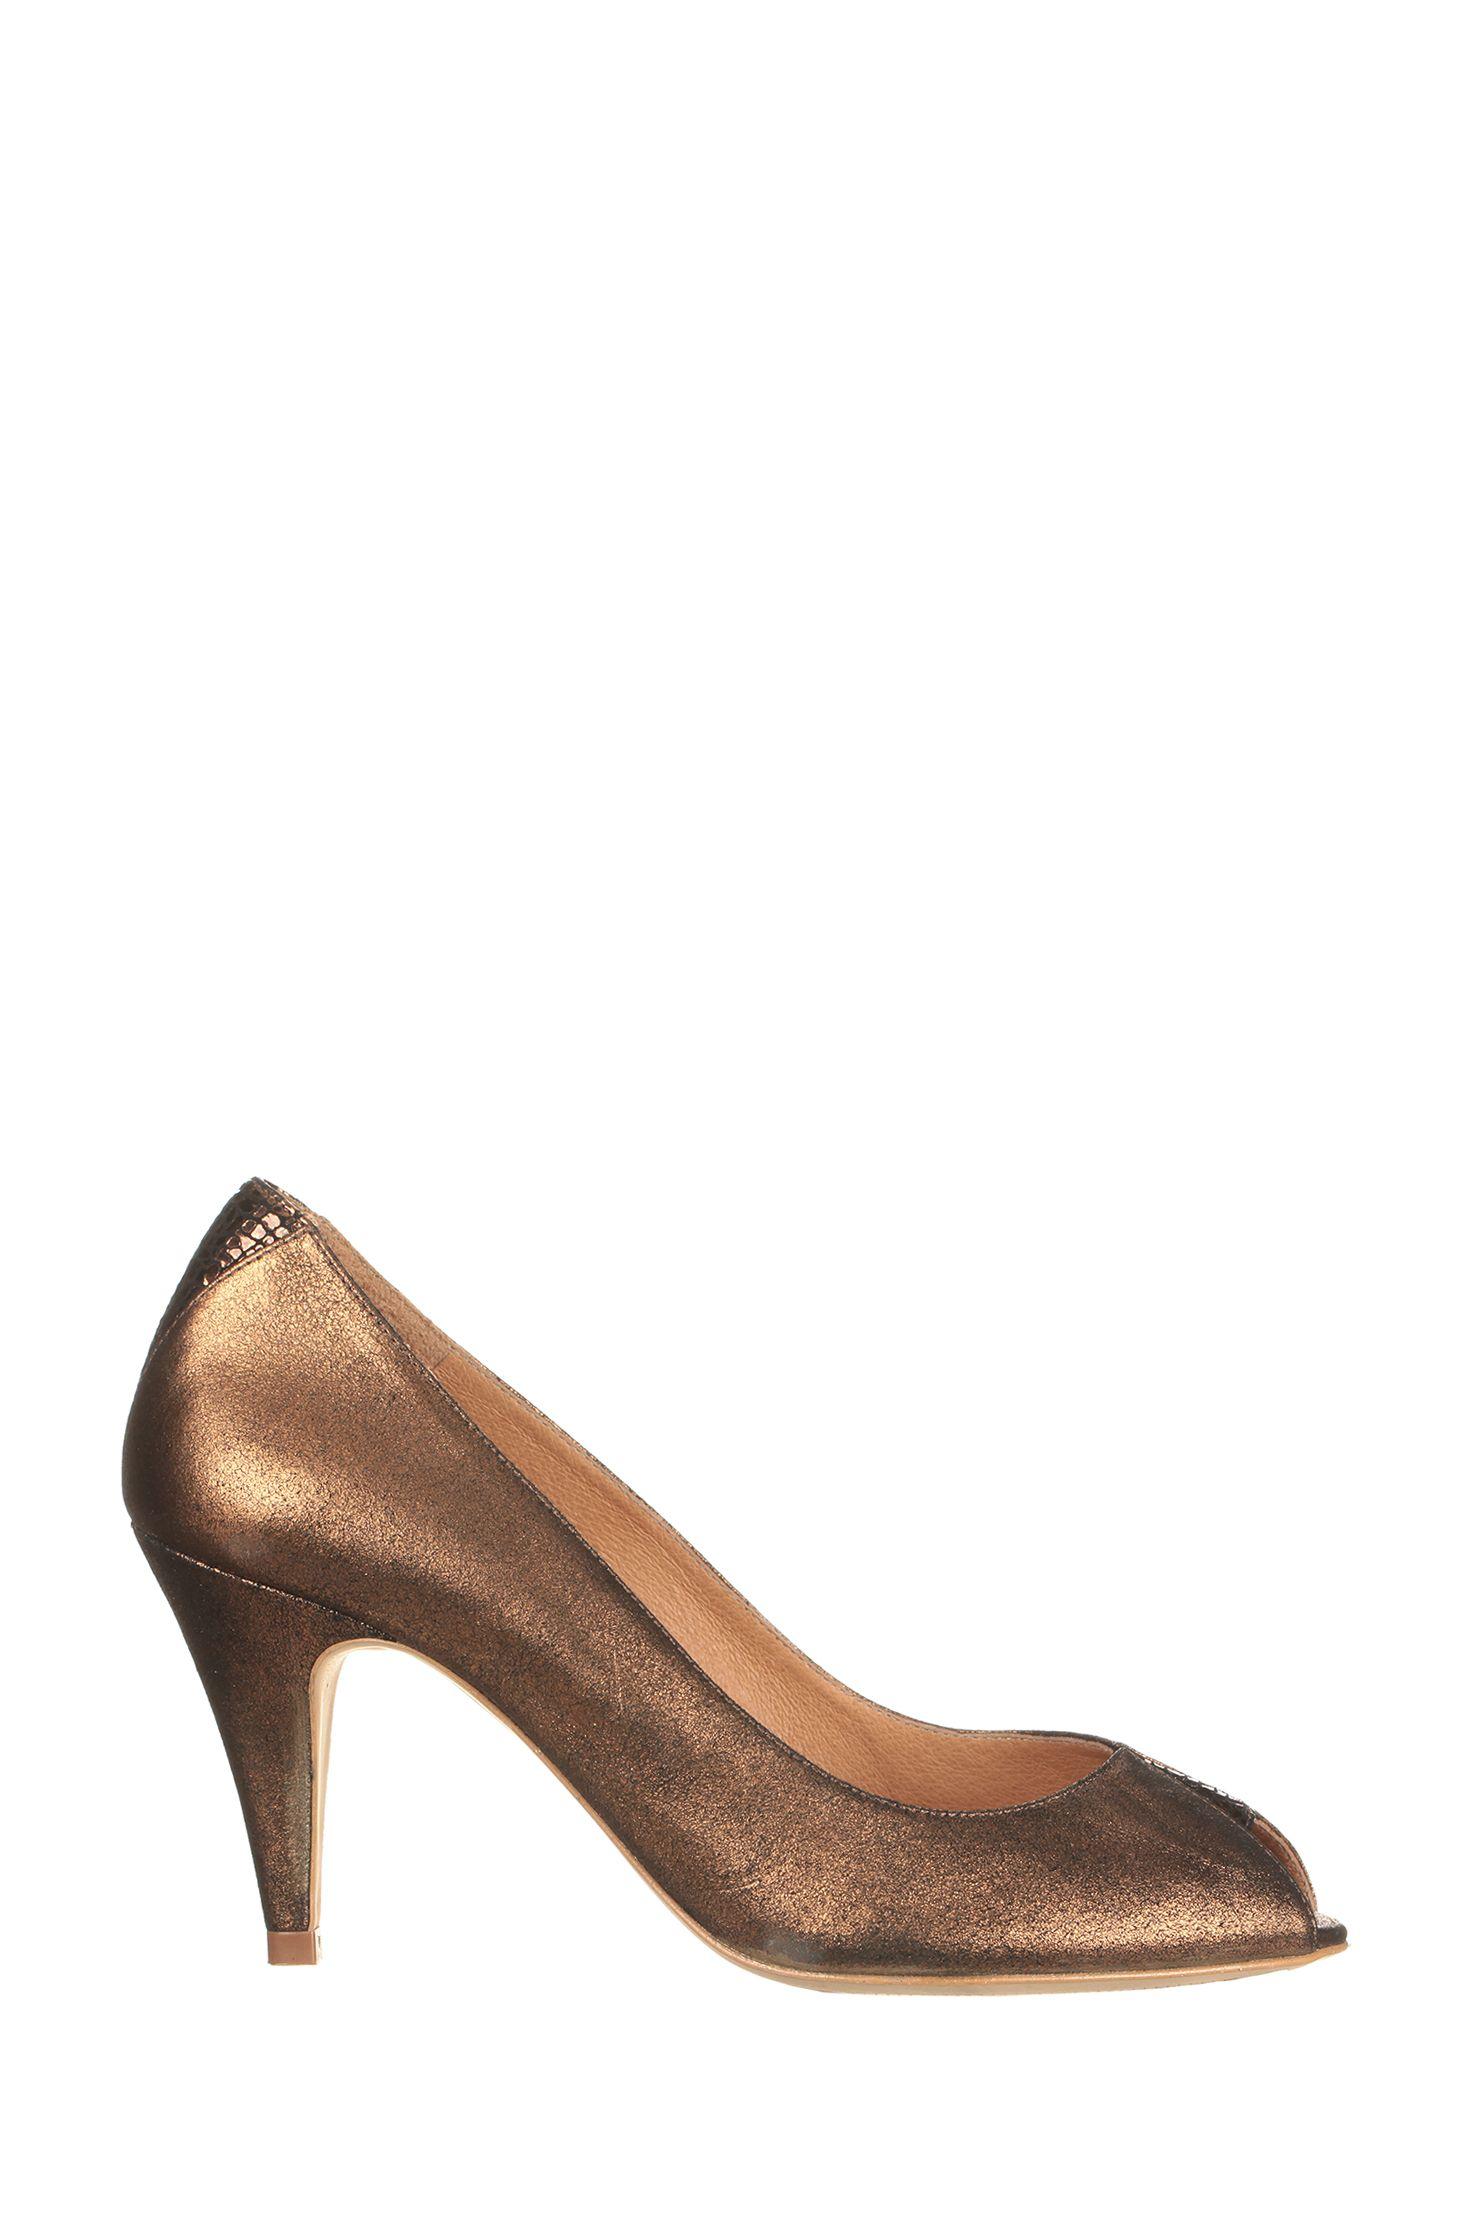 escarpins bout ouvert cuir paillet s discotheca dor sessun sur shoes. Black Bedroom Furniture Sets. Home Design Ideas